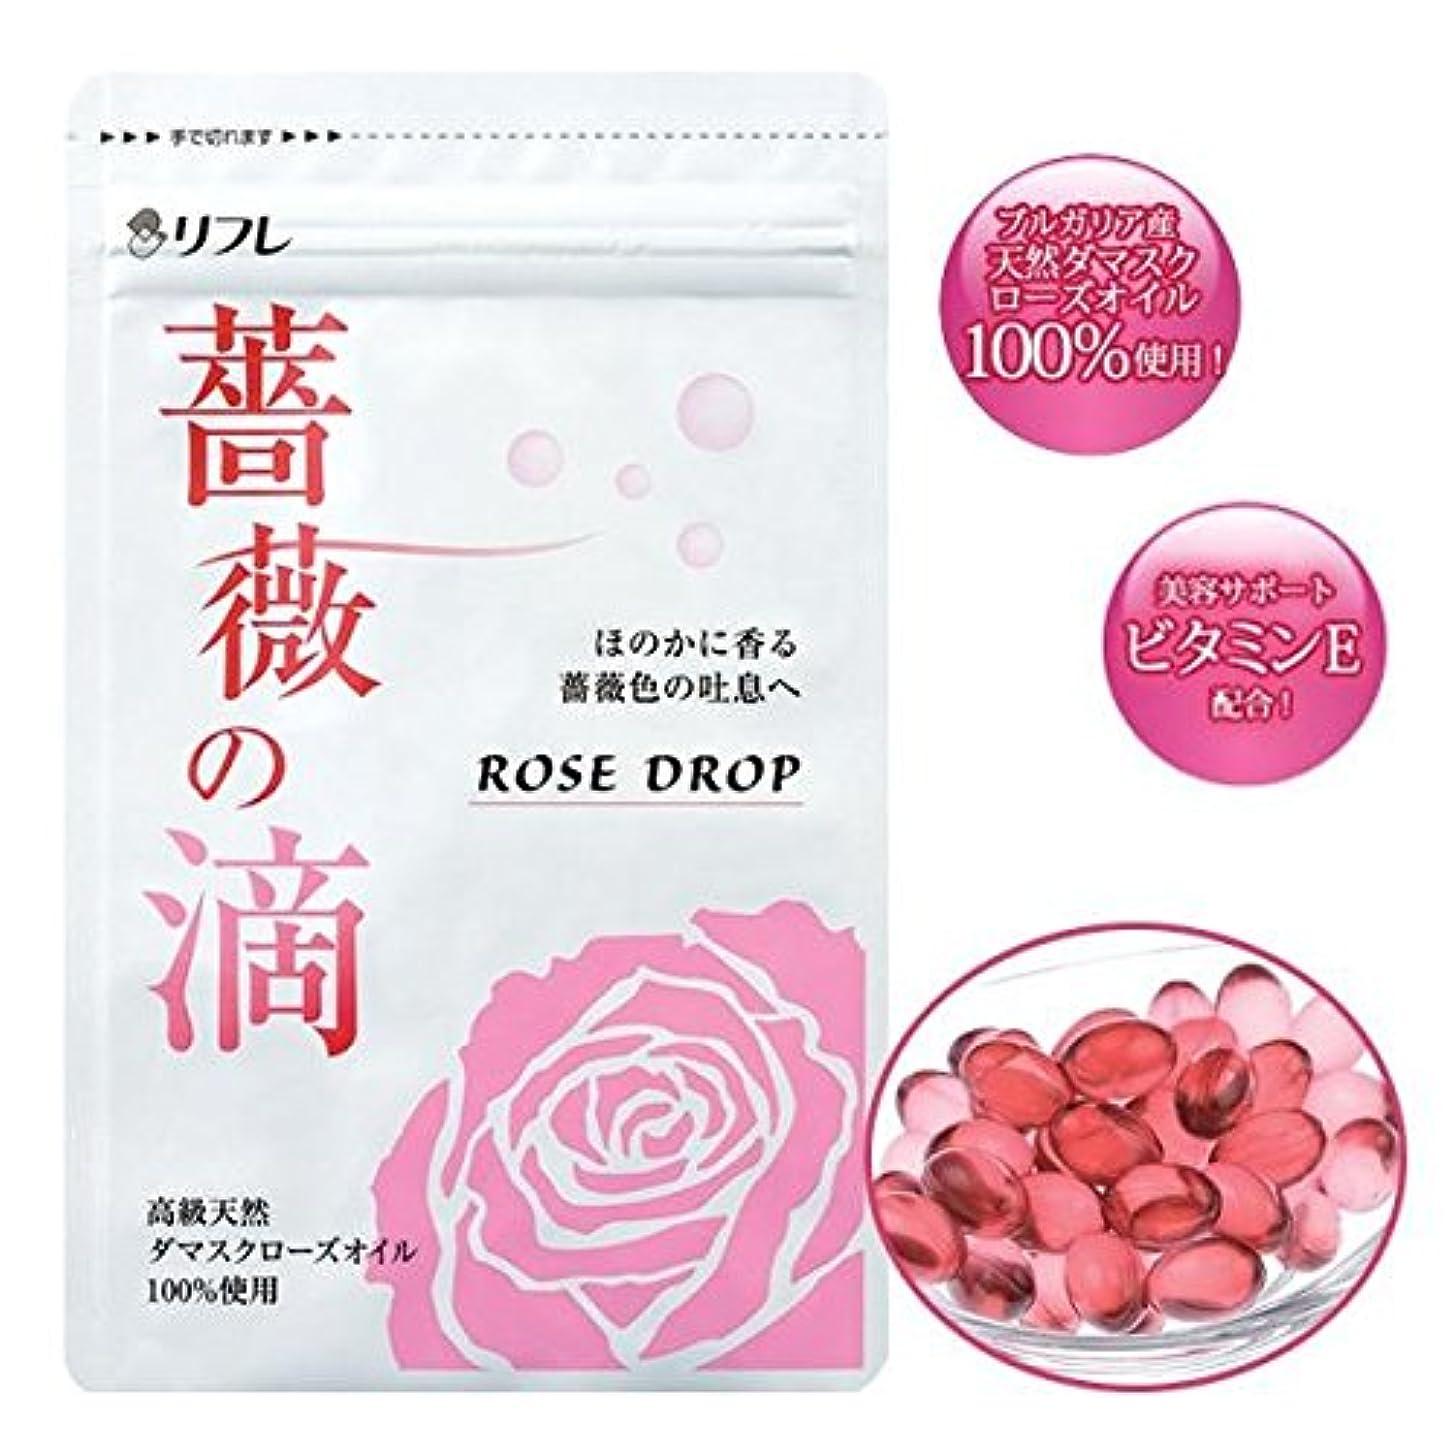 老人南分離リフレ ローズサプリ 薔薇の滴(ばらのしずく) 1袋62粒(約1ヵ月分) 日本製 Japan